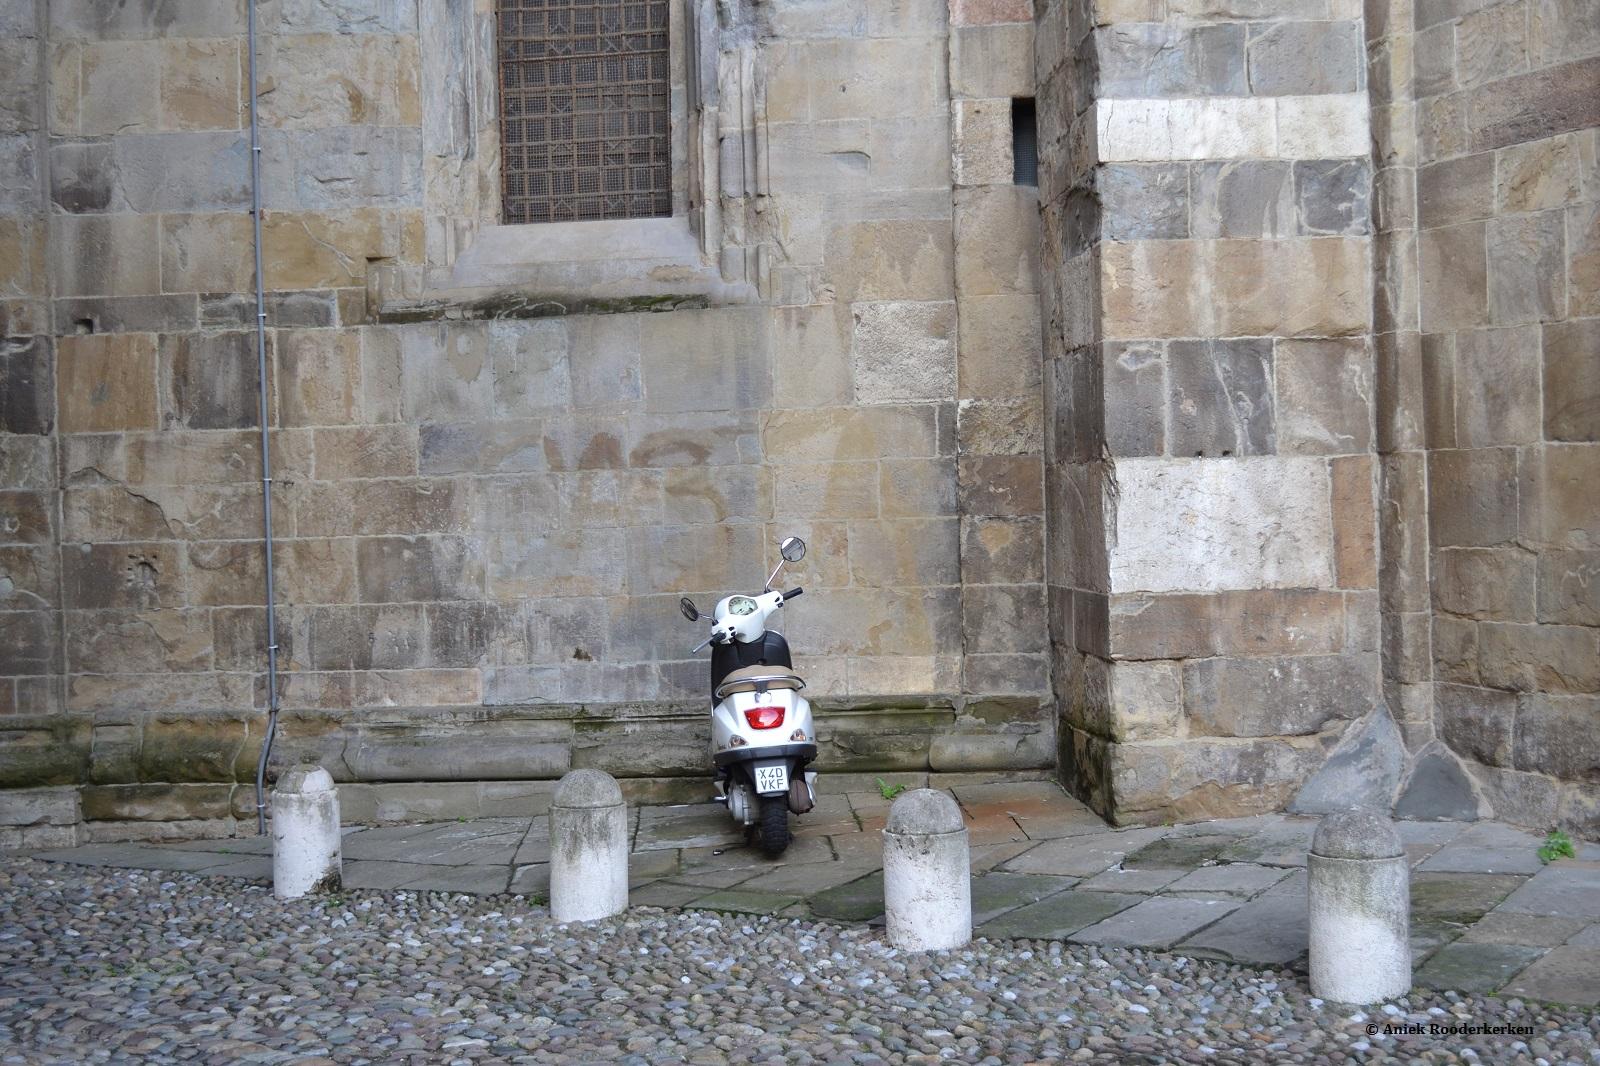 Vespa in de straten van Bergamo